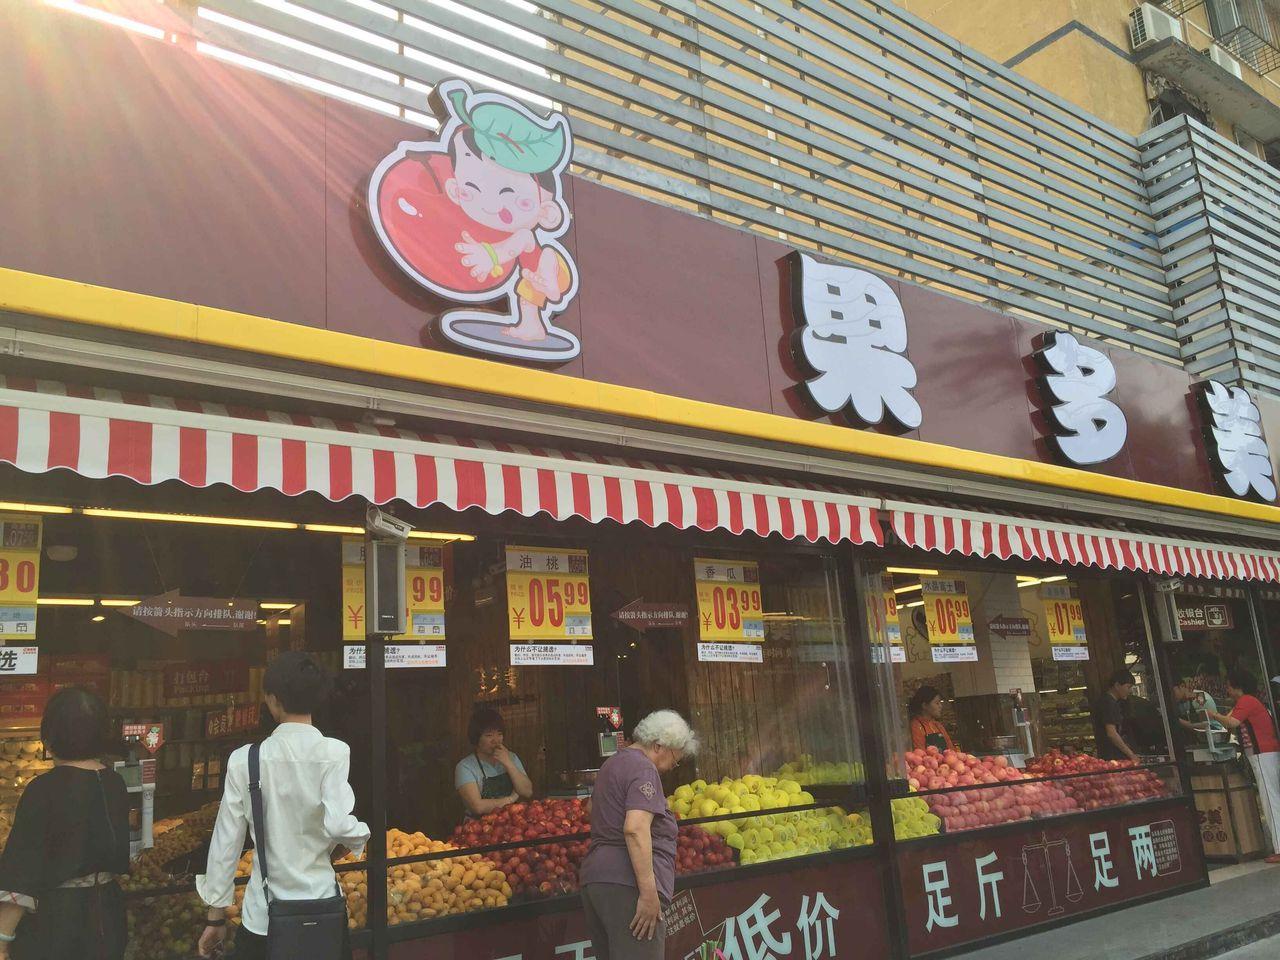 北京果多美超市_果多美水果干果超市(白石桥北店)_北京_百度地图